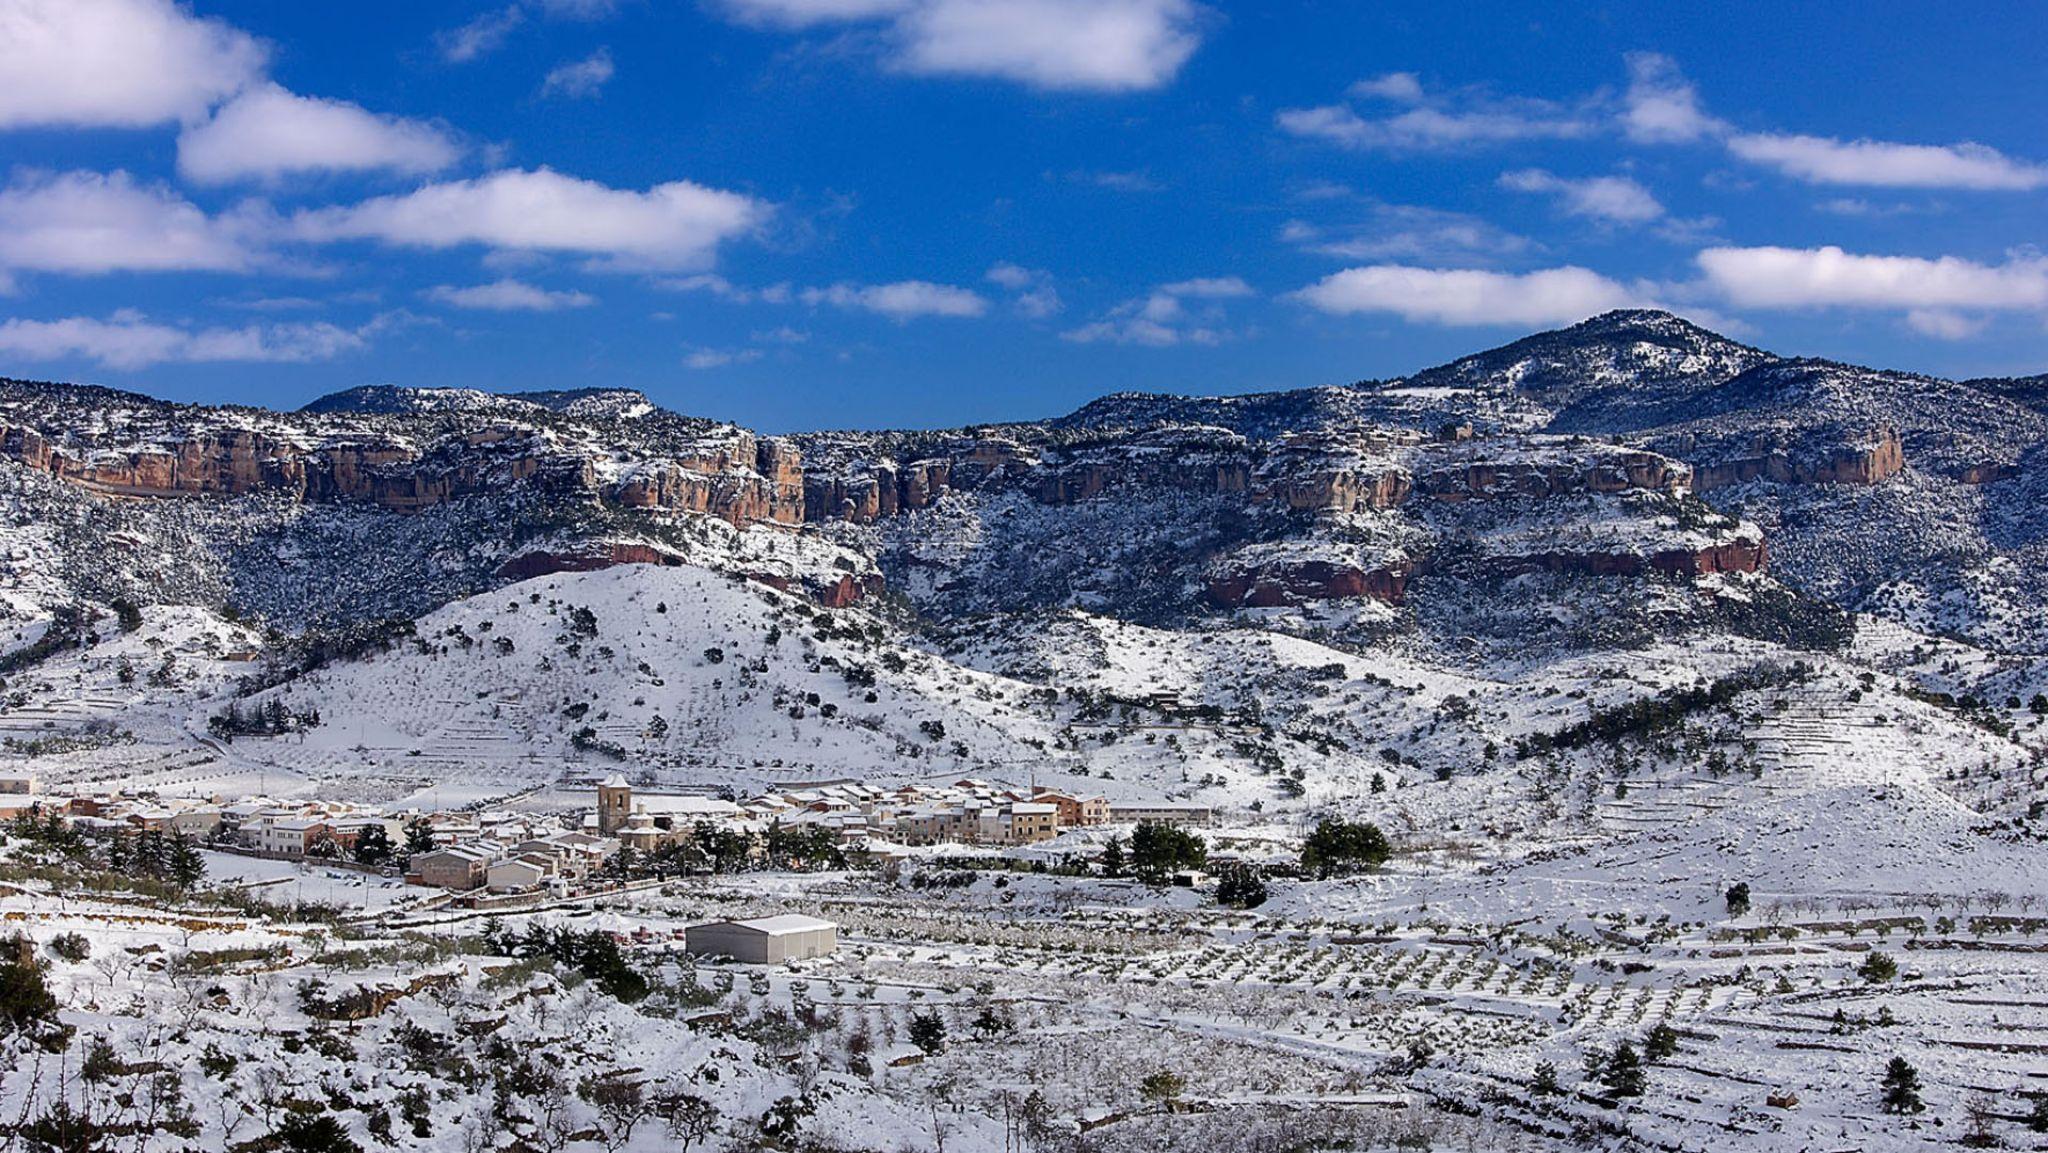 圣山下的Priorat,板岩与老藤谱写的史诗